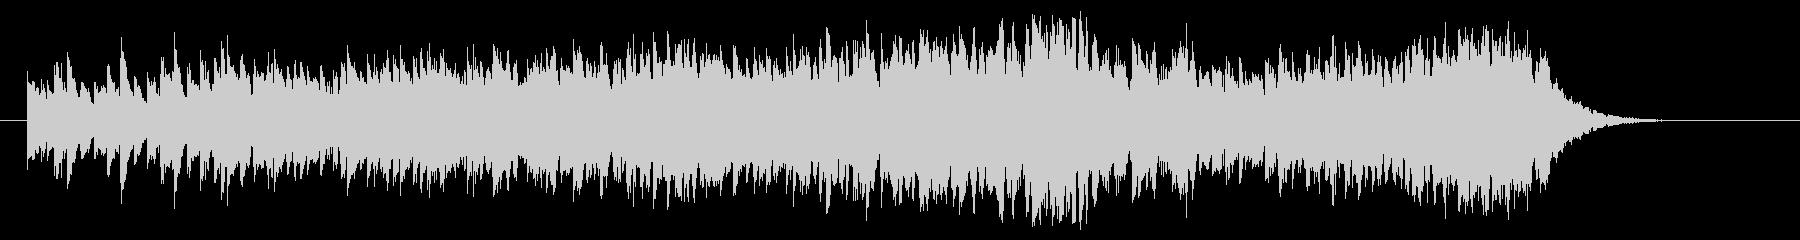 ジングルに最適なキラキラした効果音の未再生の波形